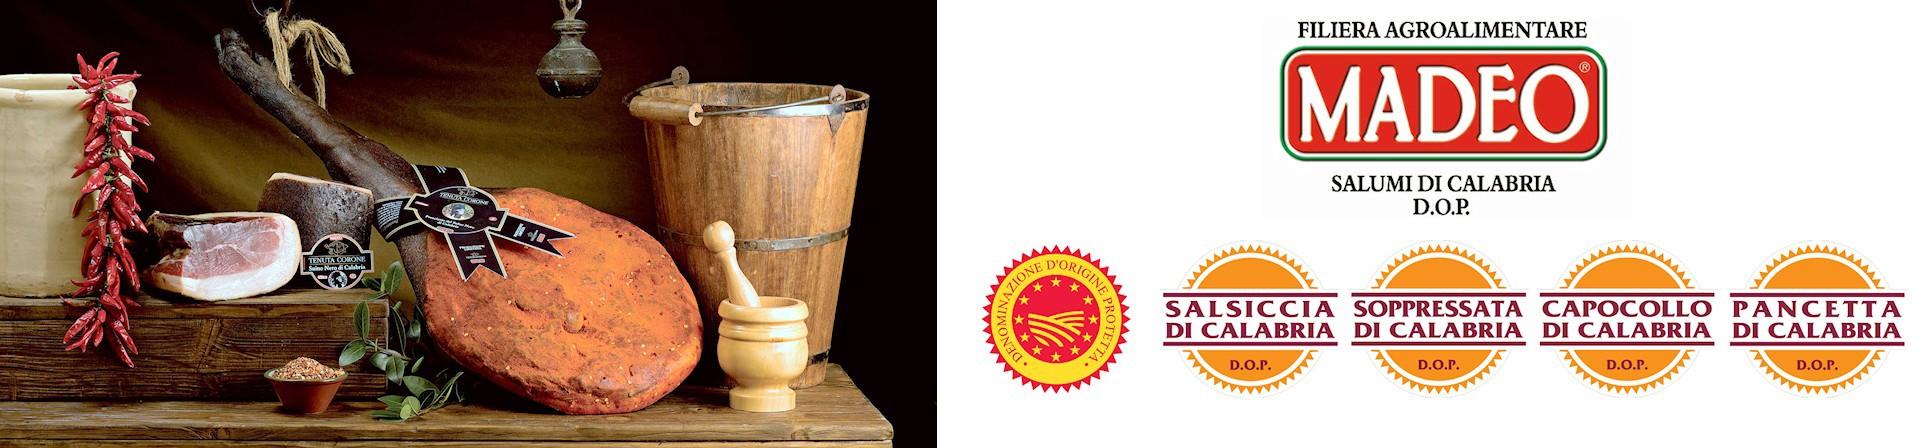 B2B GUSTOX - il Marketplace all'ingrosso delle eccellenze agroalimentari italiane - Tenuta Corone - MADEO